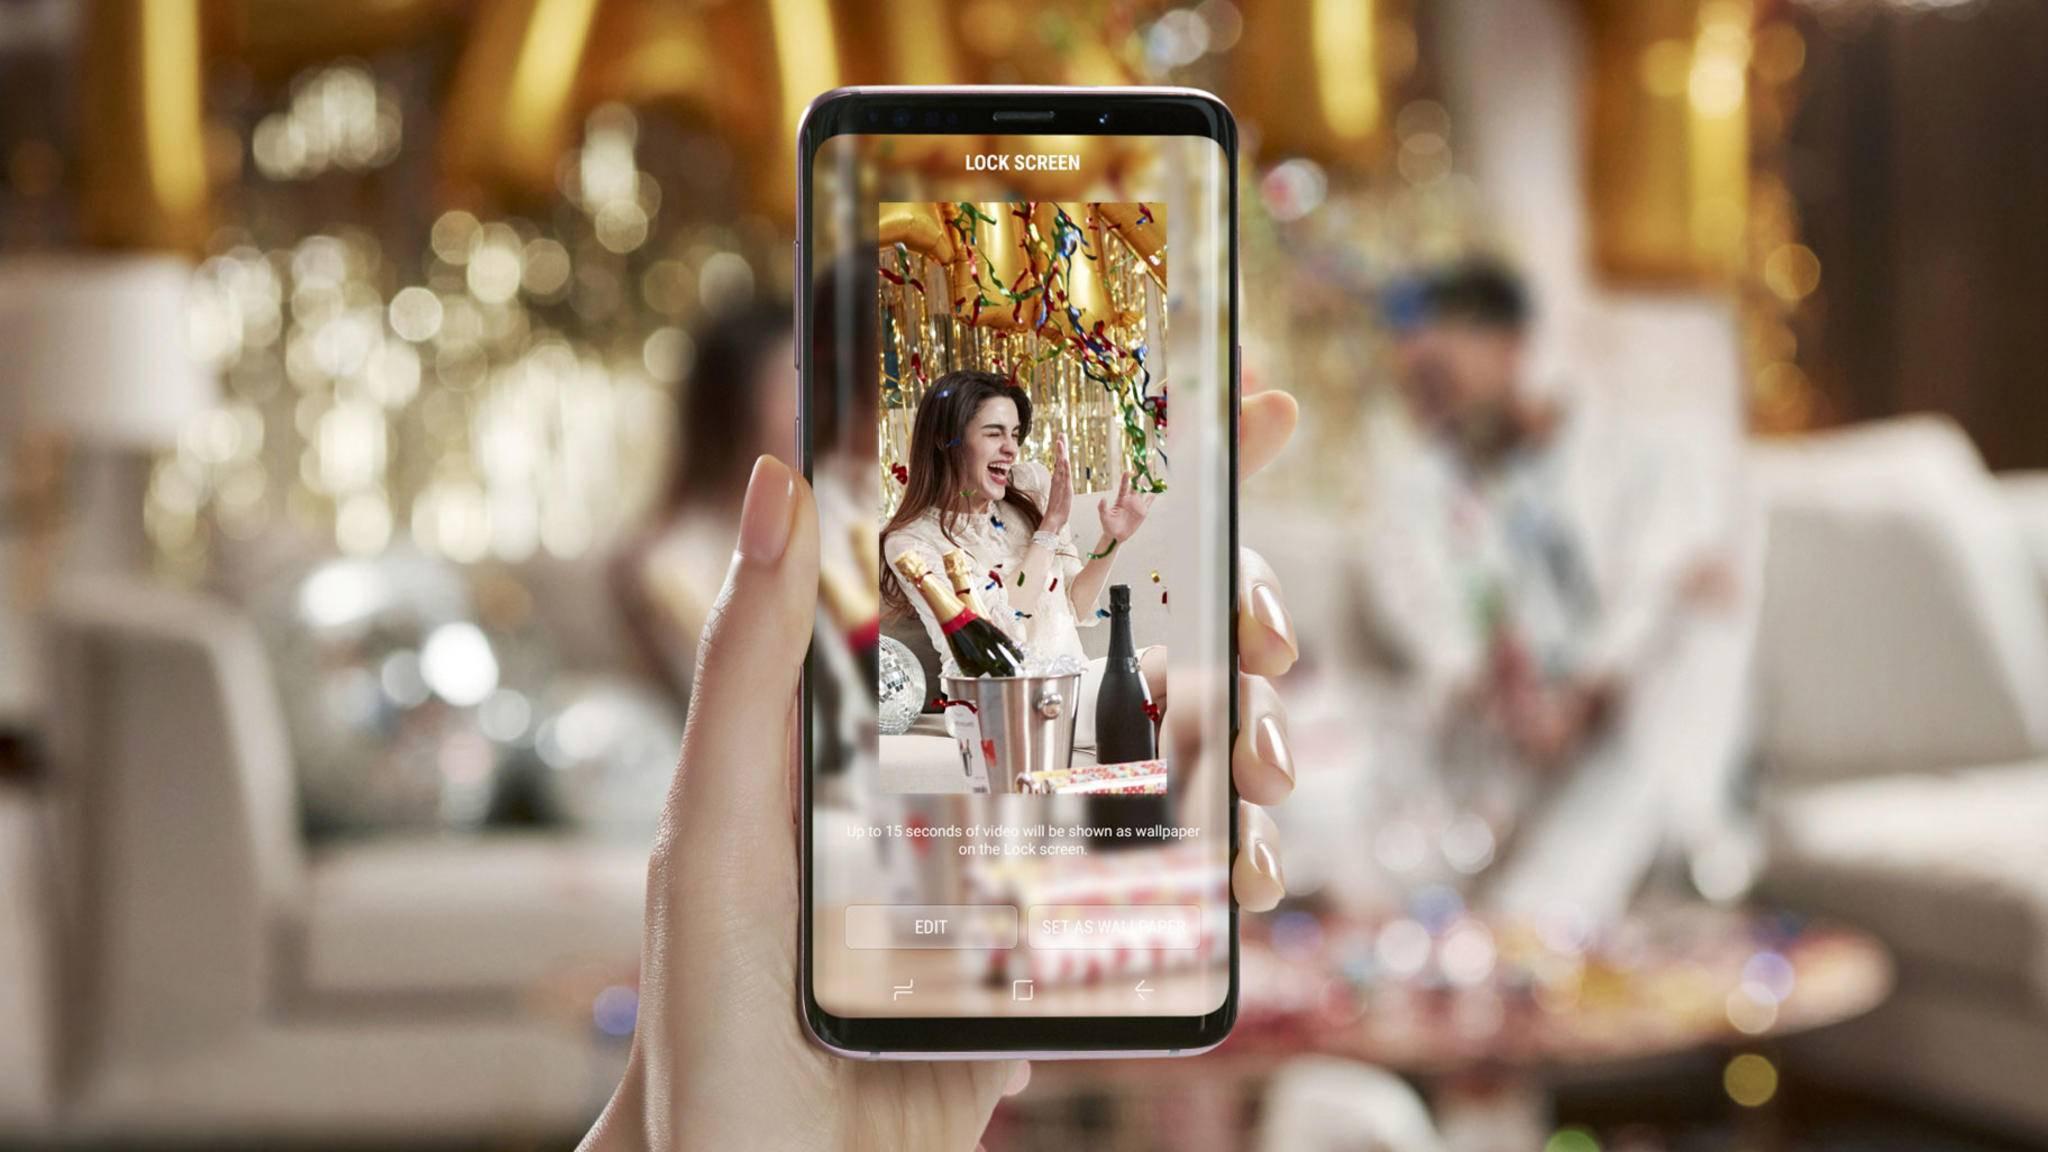 Die Kamera des Galaxy S9 knipst beeindruckende Bilder – doch bis dahin war es ein weiter Weg.